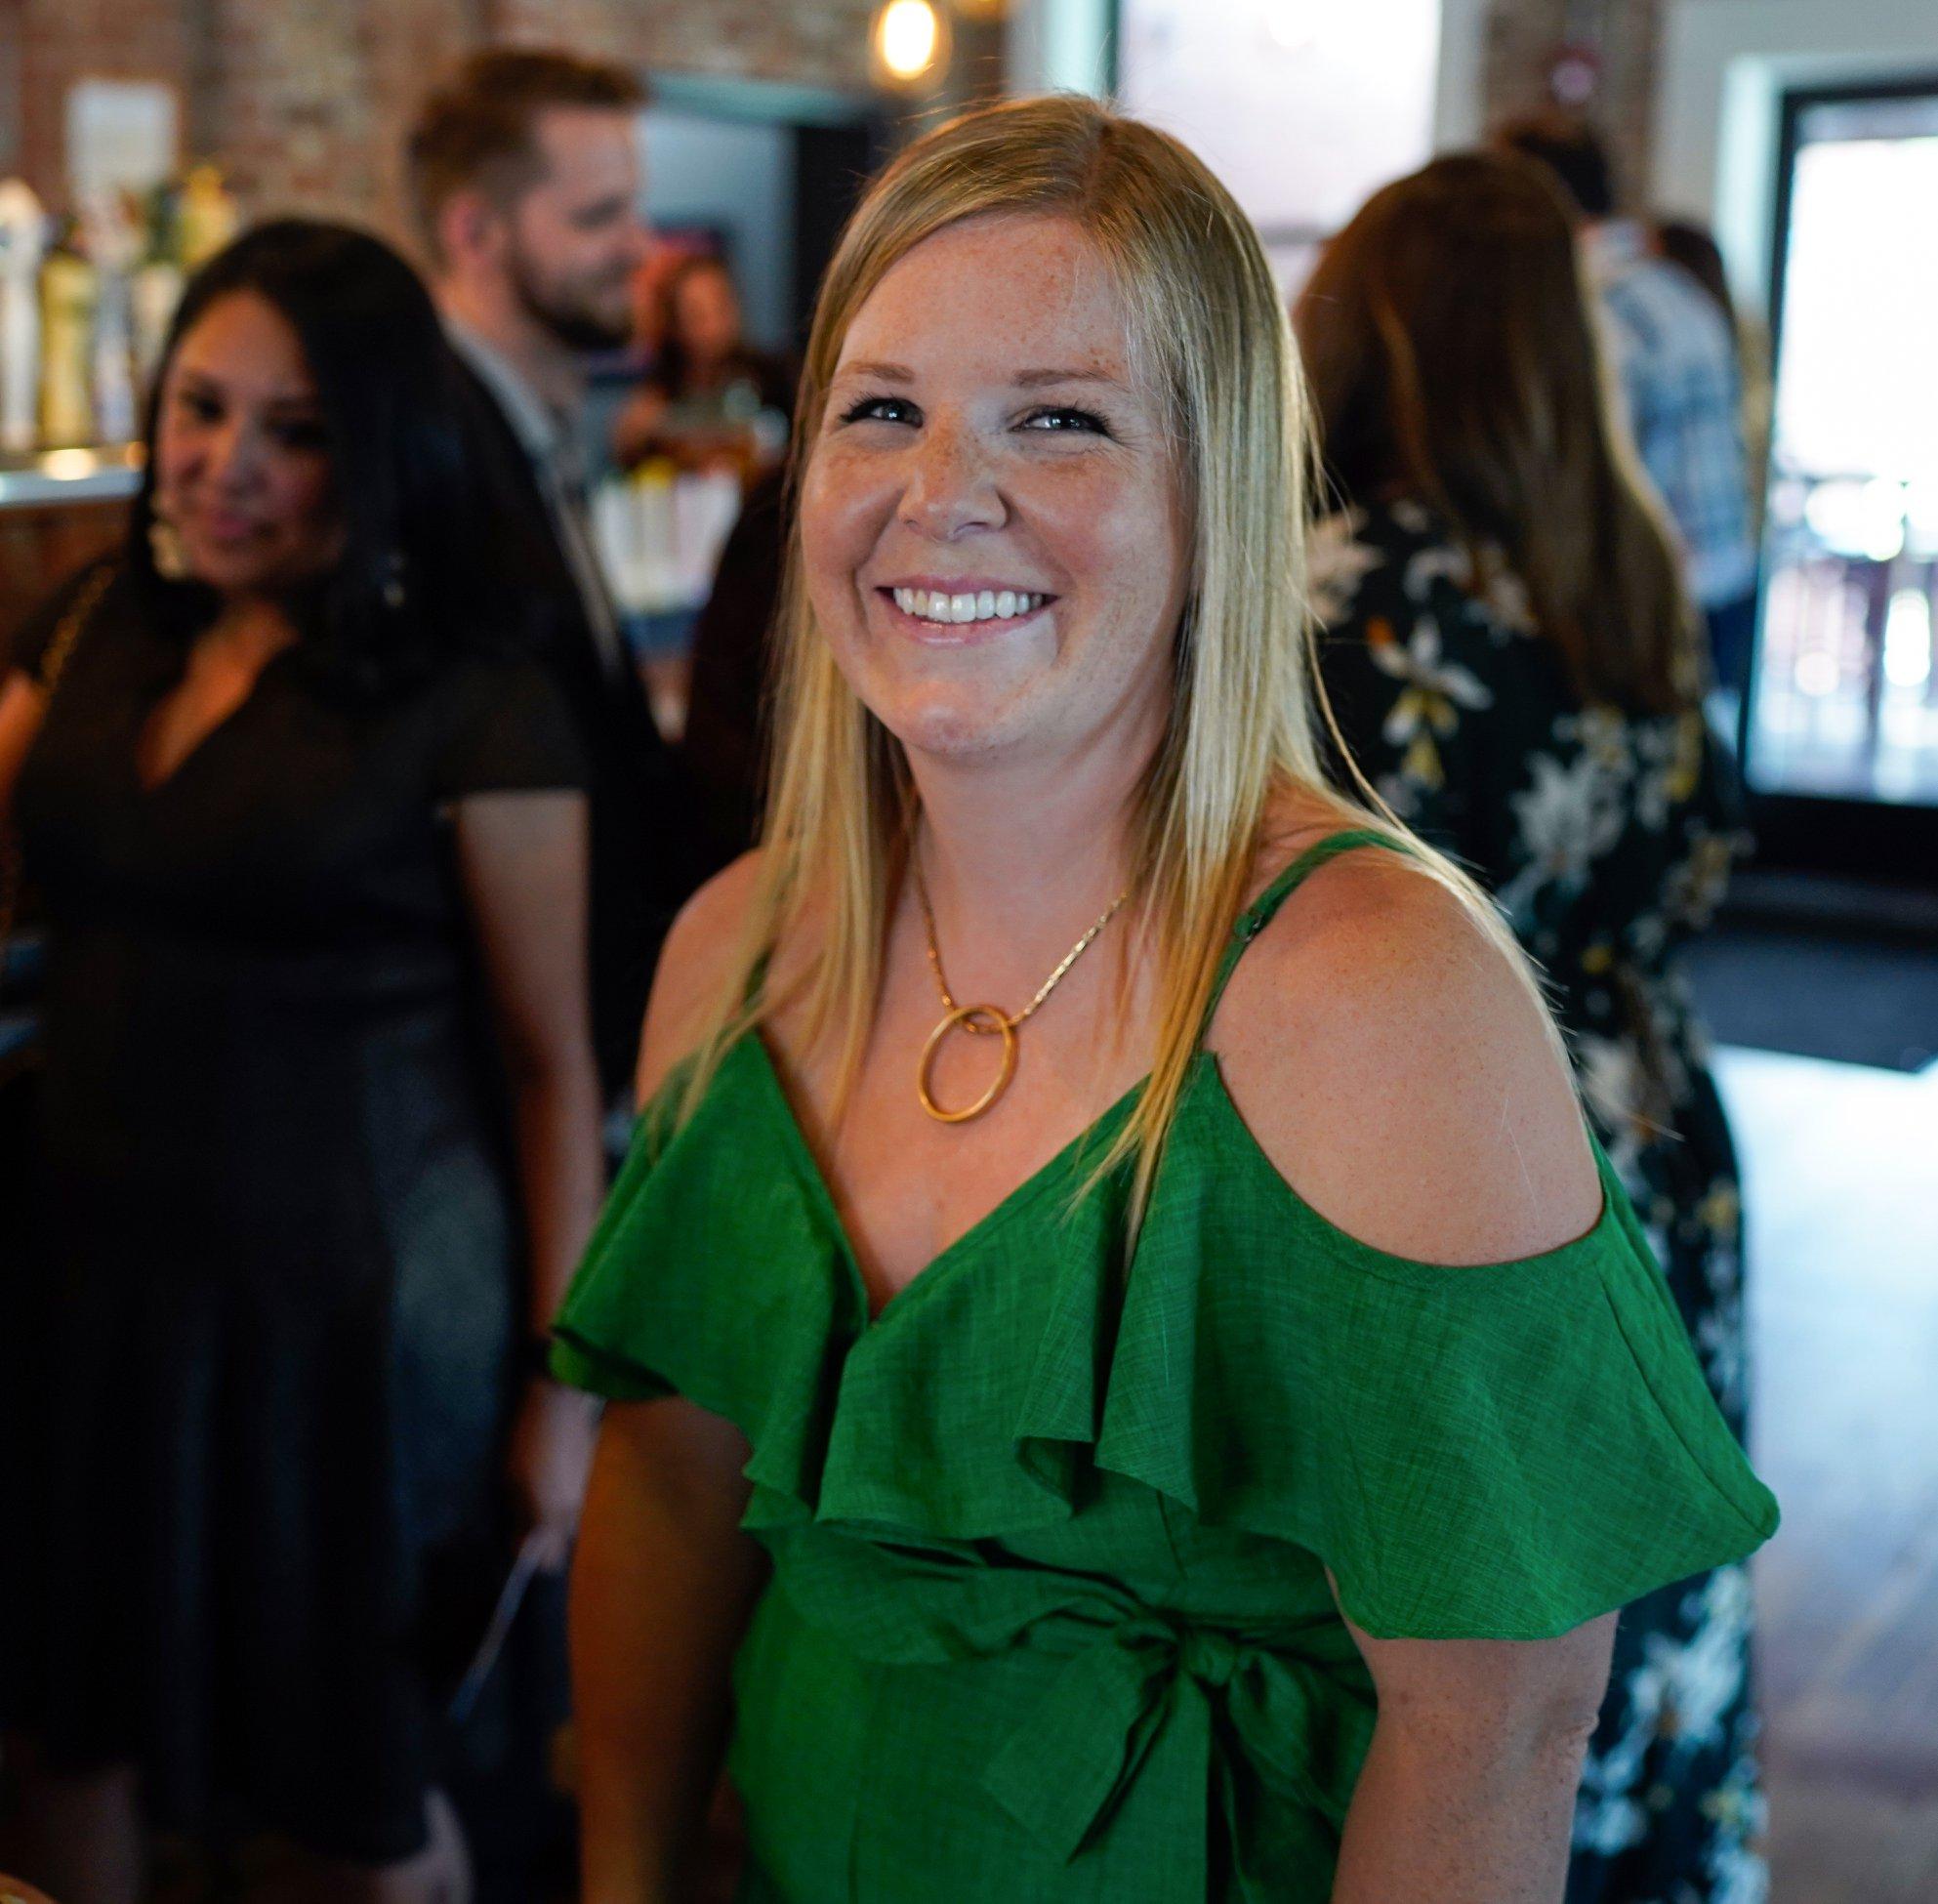 Courtney Mattar rocking her cocktail attire!